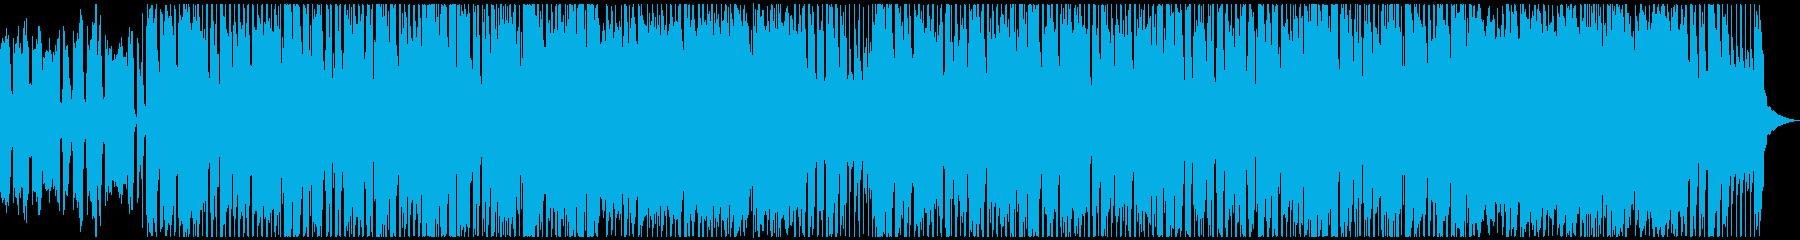 カントリーロック風のギターインストの再生済みの波形